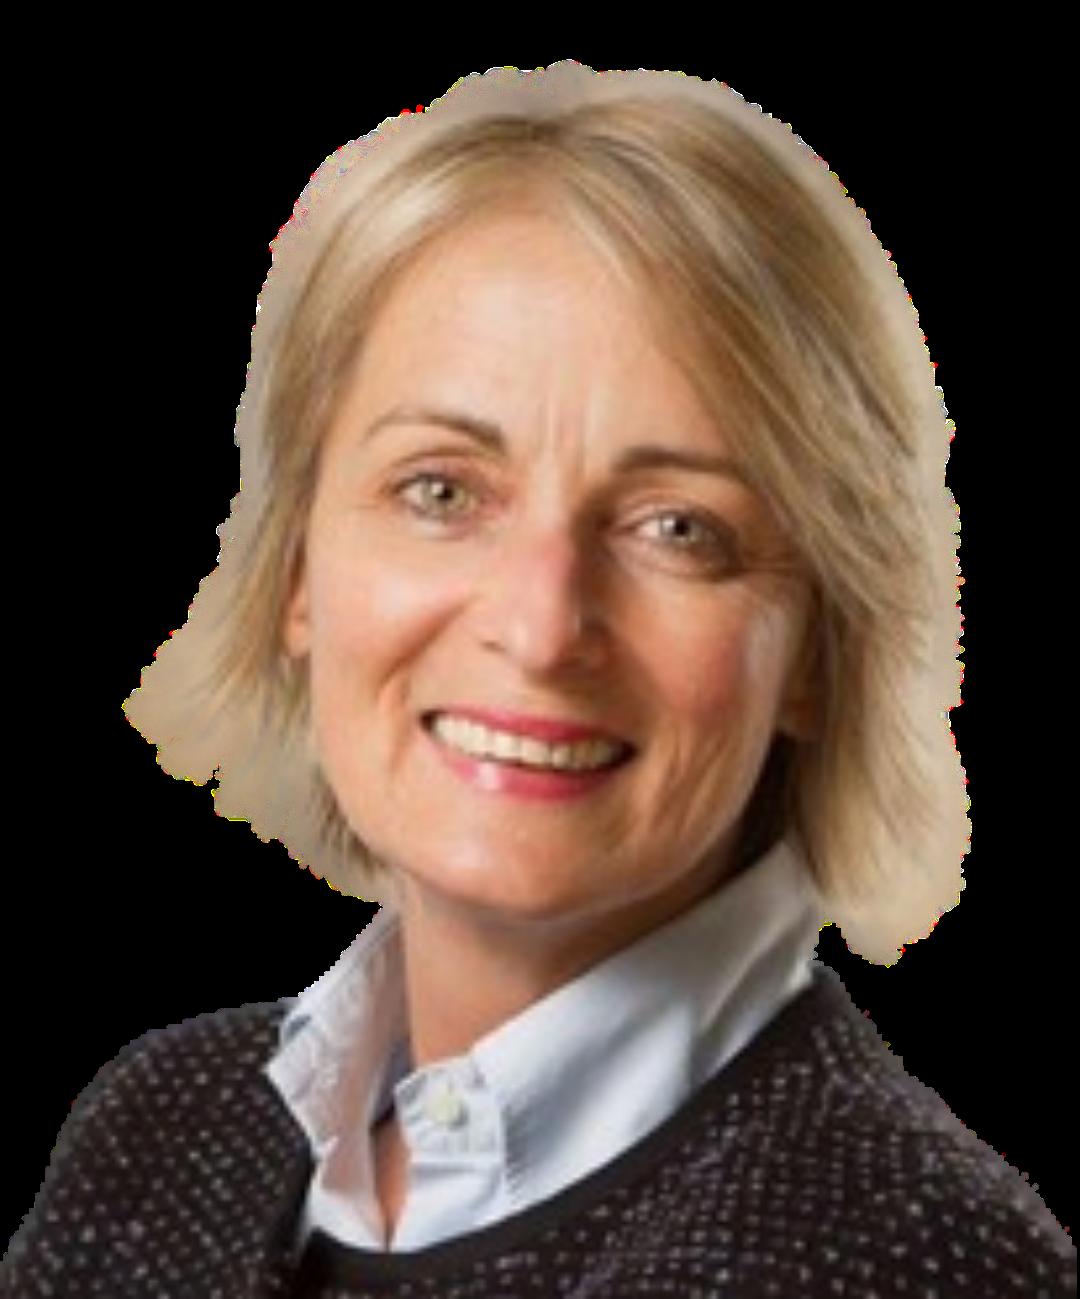 Anita Ziemer, Executive Director, Slade Group